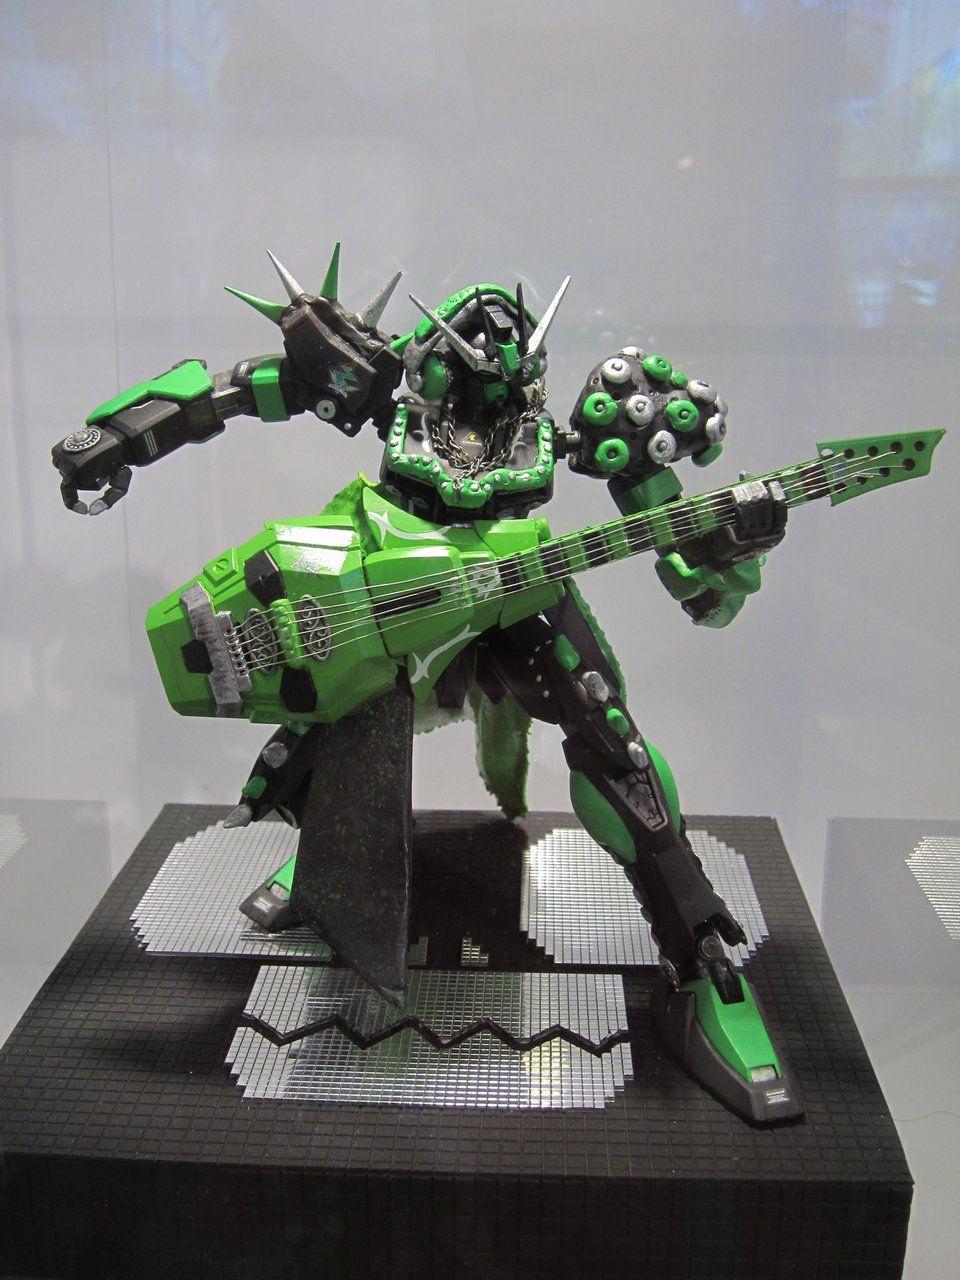 Rock Out   Nerd Alert!   Hong Kong, Gundam, Gundam model